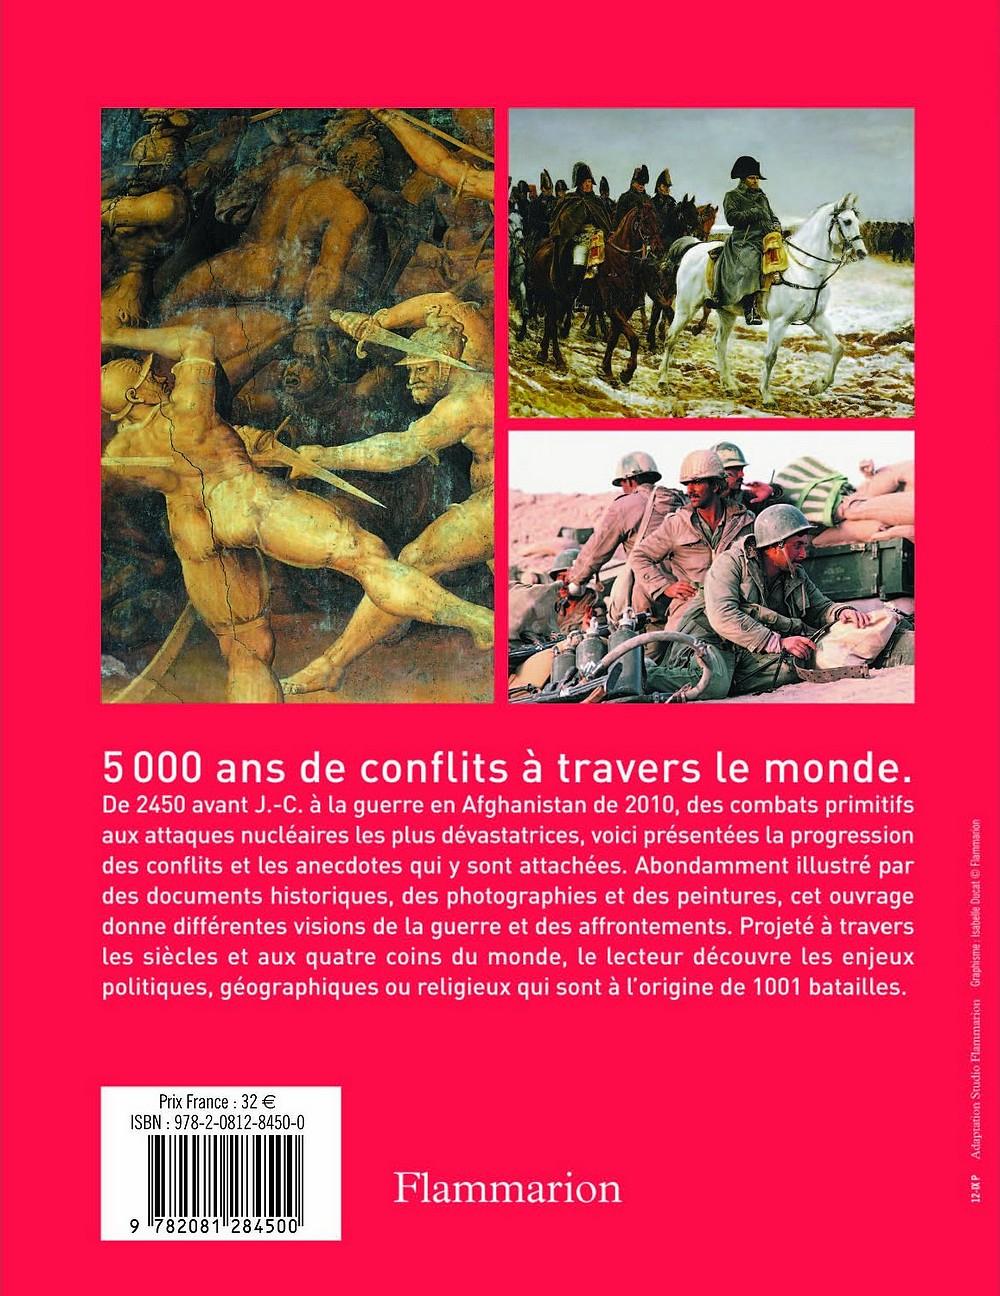 [Livre] Les 1001 batailles qui ont changé le cours de l'histoire 2406041001batailles2